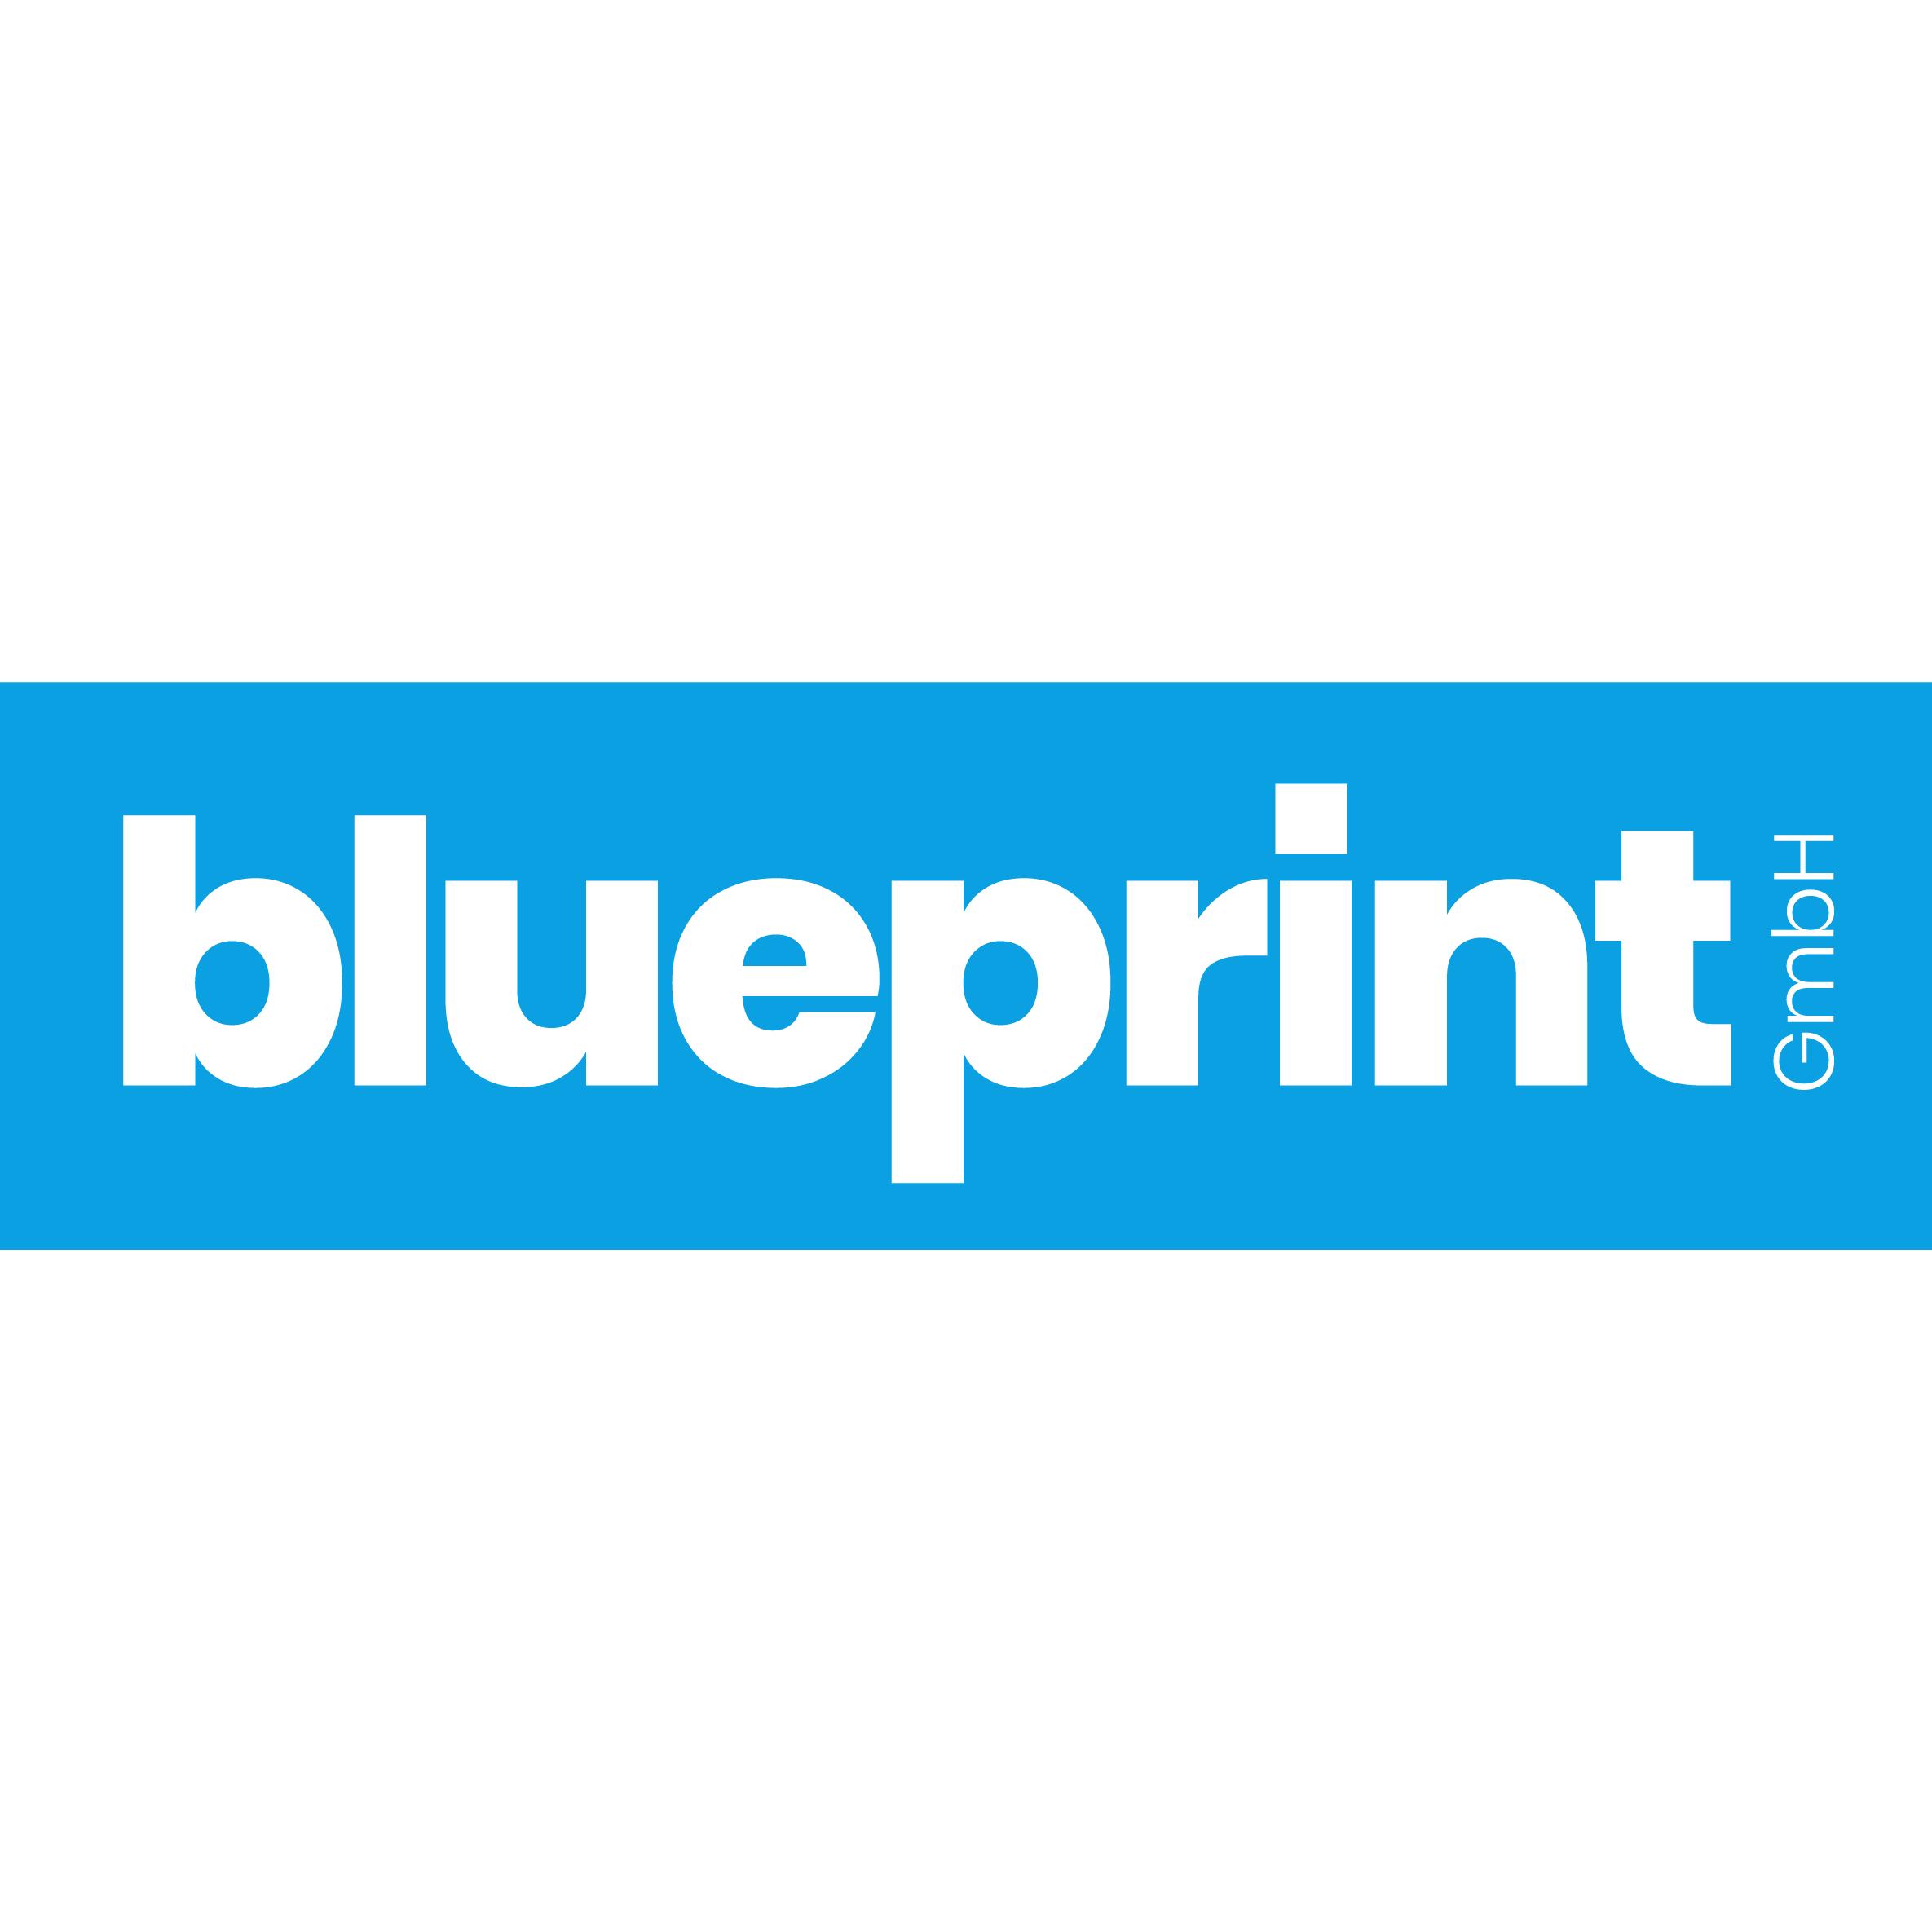 BP - Blueprint GmbH